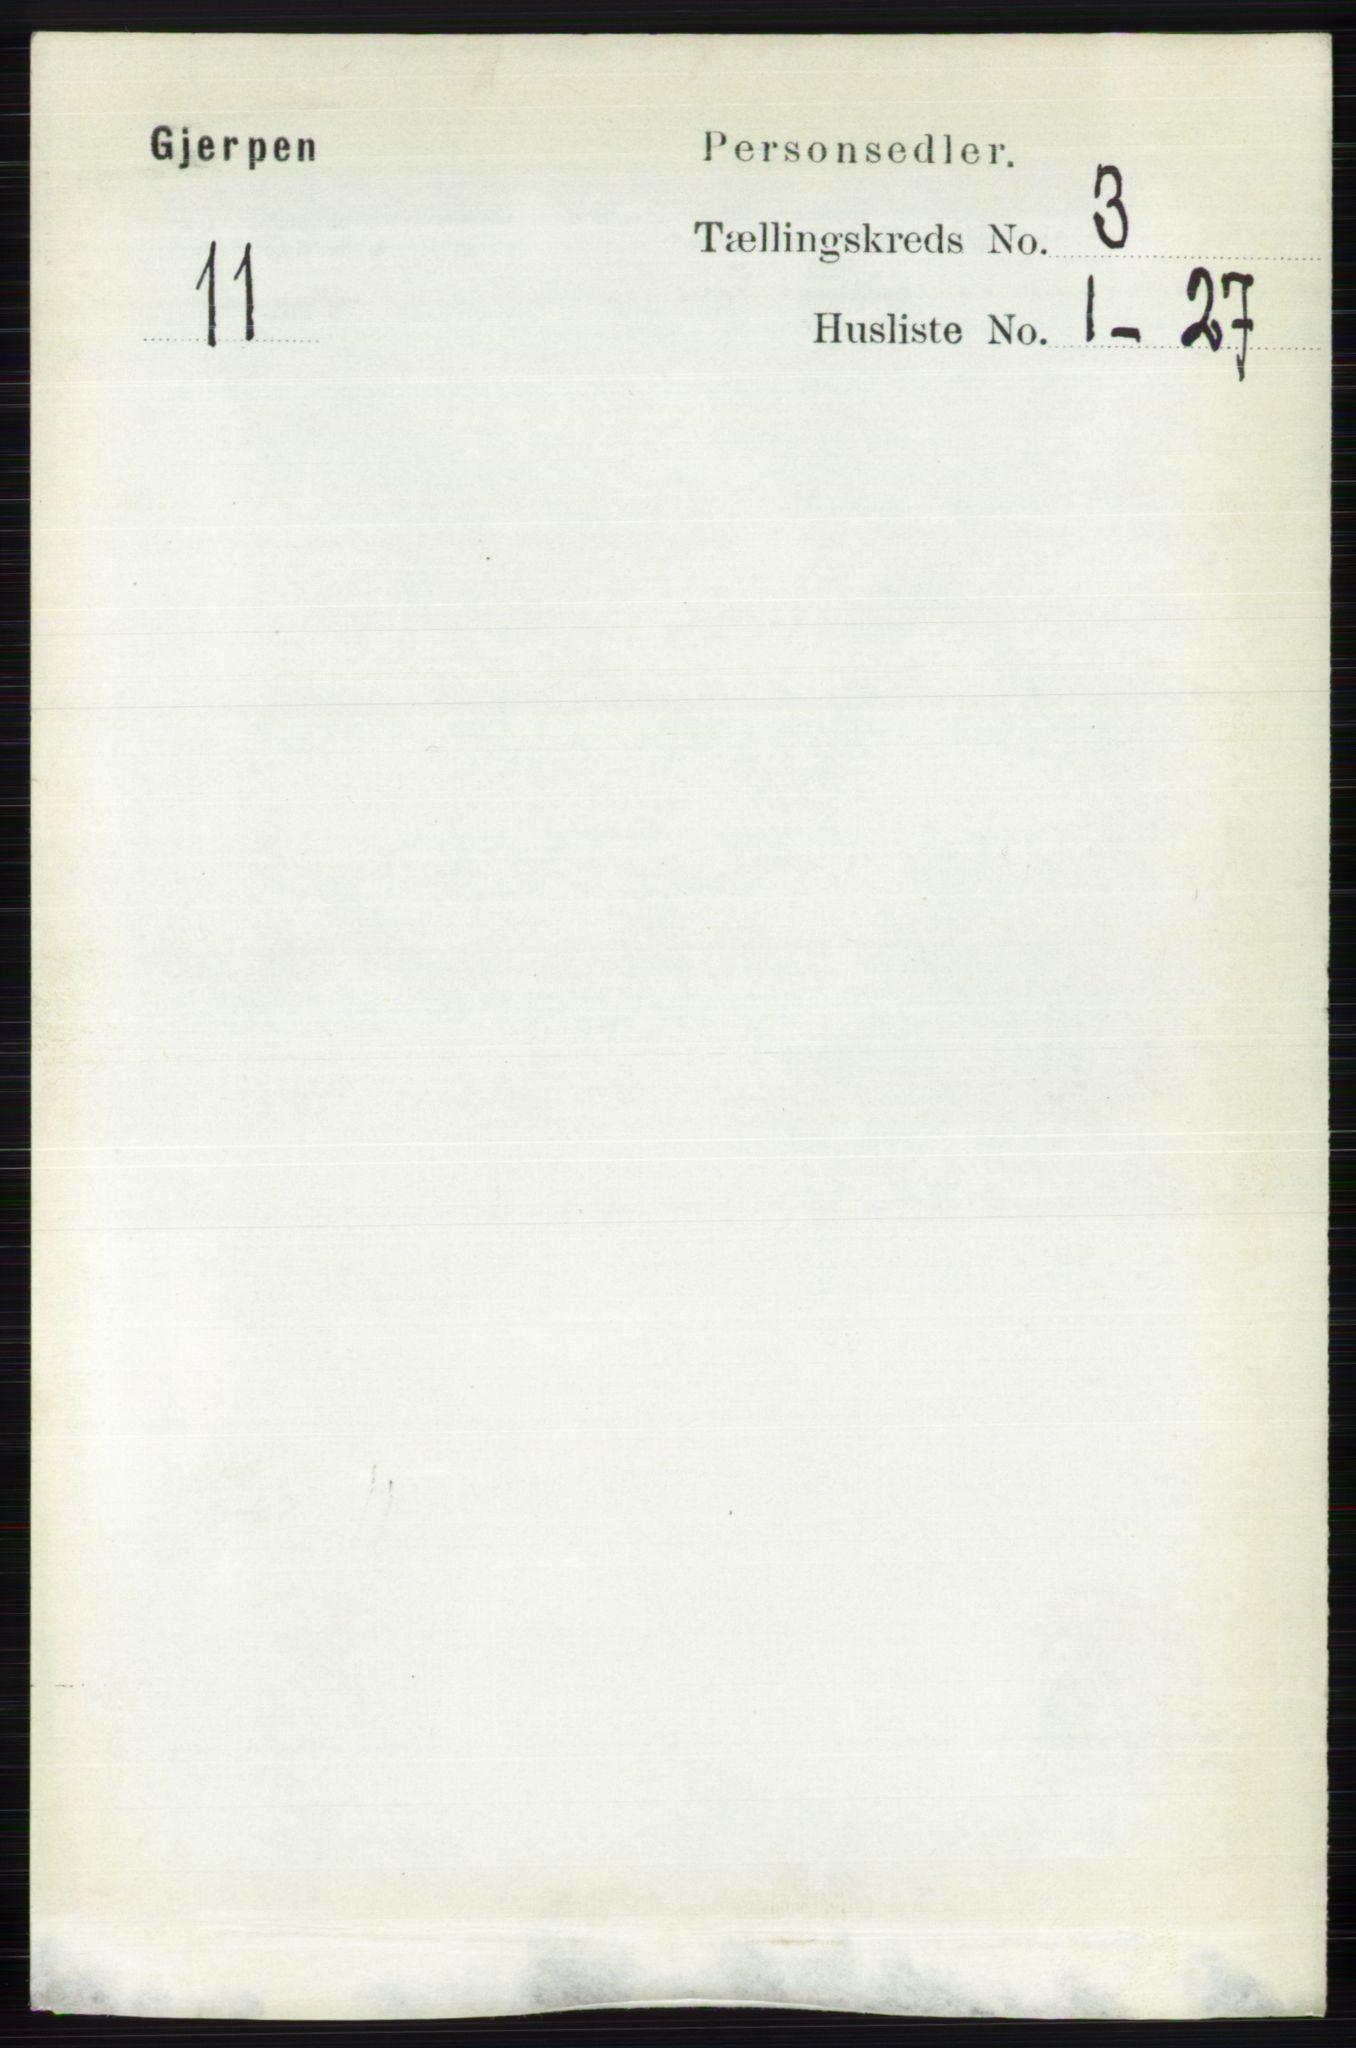 RA, Folketelling 1891 for 0812 Gjerpen herred, 1891, s. 1457